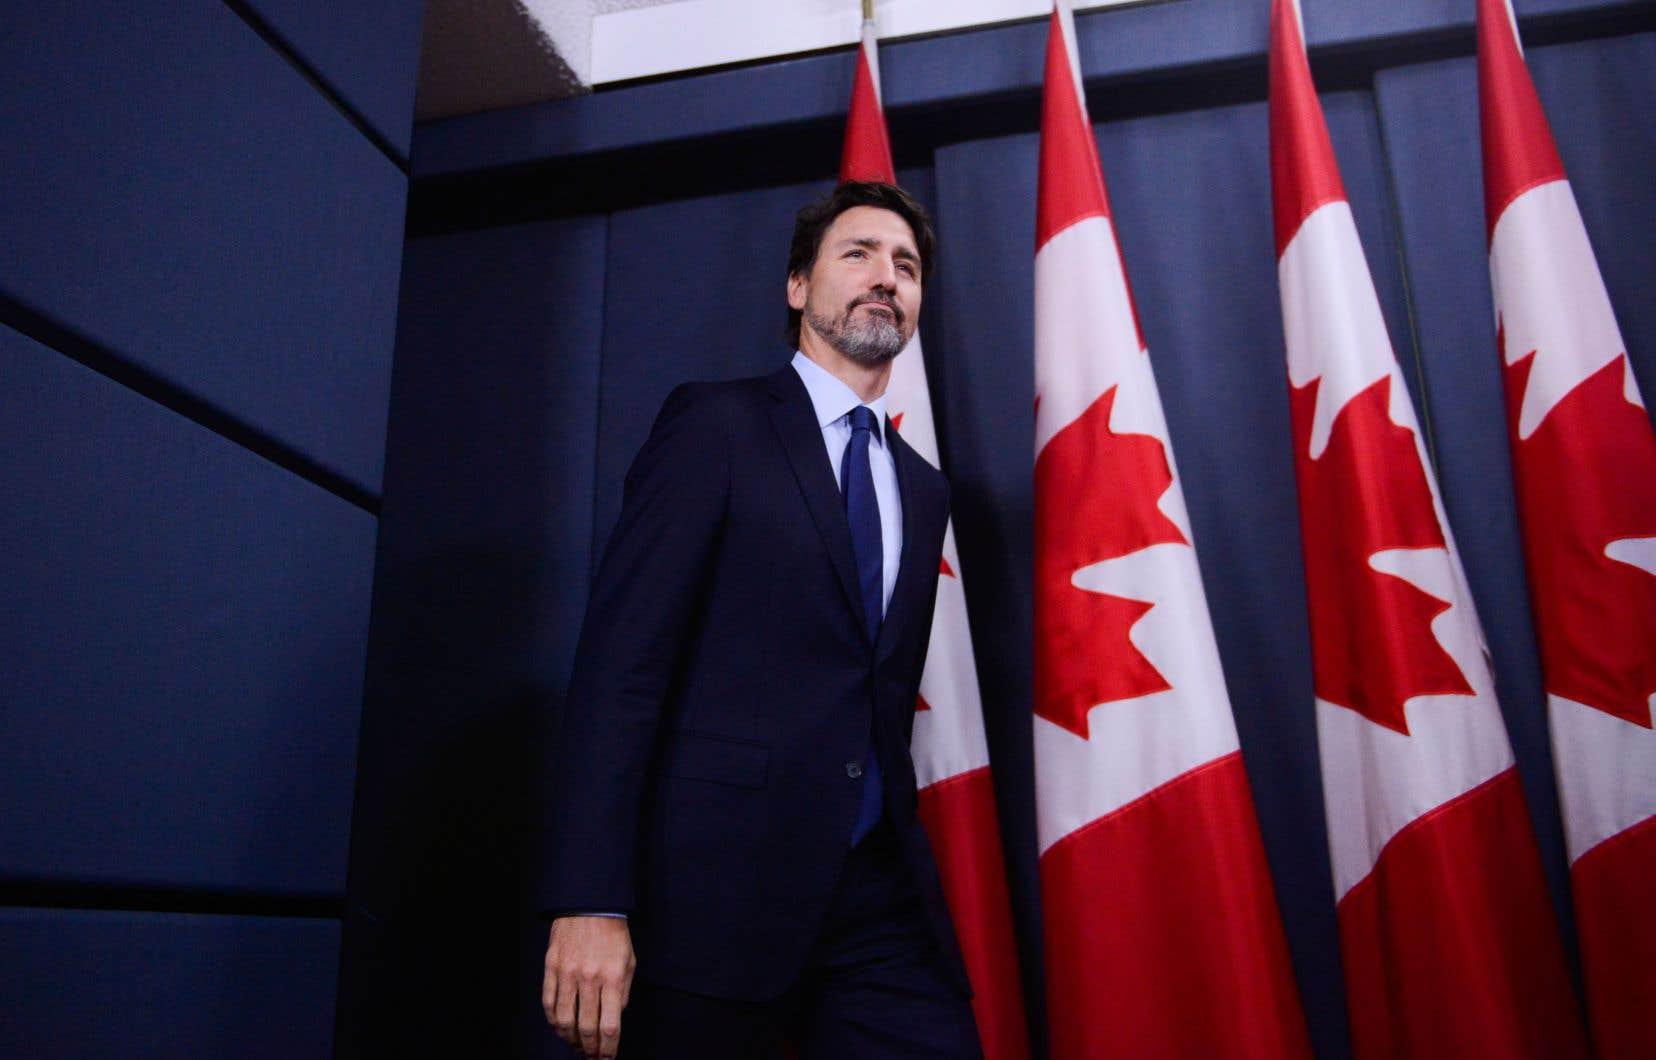 «Le monde qui se dessine ne s'annonce pas aussi tendre qu'il l'a été depuis la fin de la guerre froide à l'égard du Canada, et les discours devraient intégrer cette nouvelle réalité», estime l'auteur.